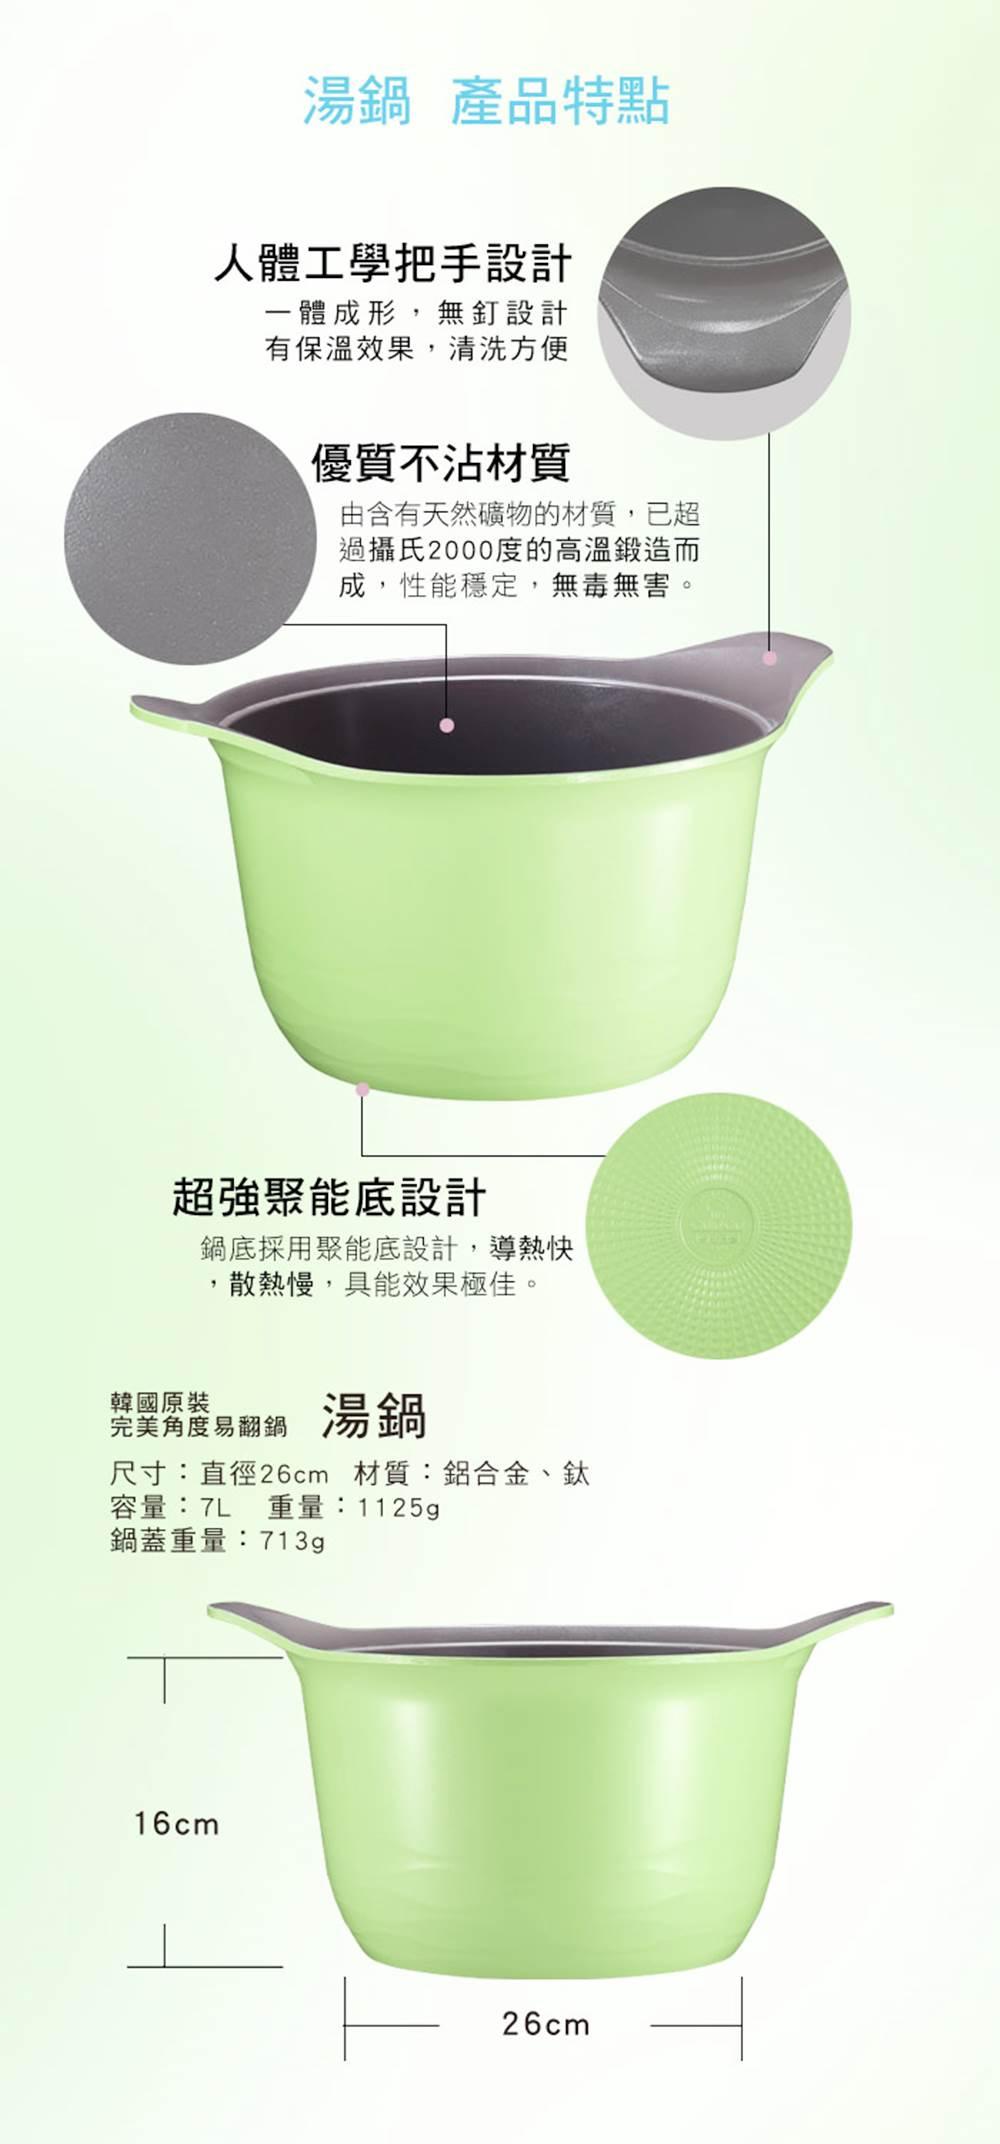 蔥媽媽 青蘋湯鍋 人體工學把手 不沾材質 煮菜導熱快